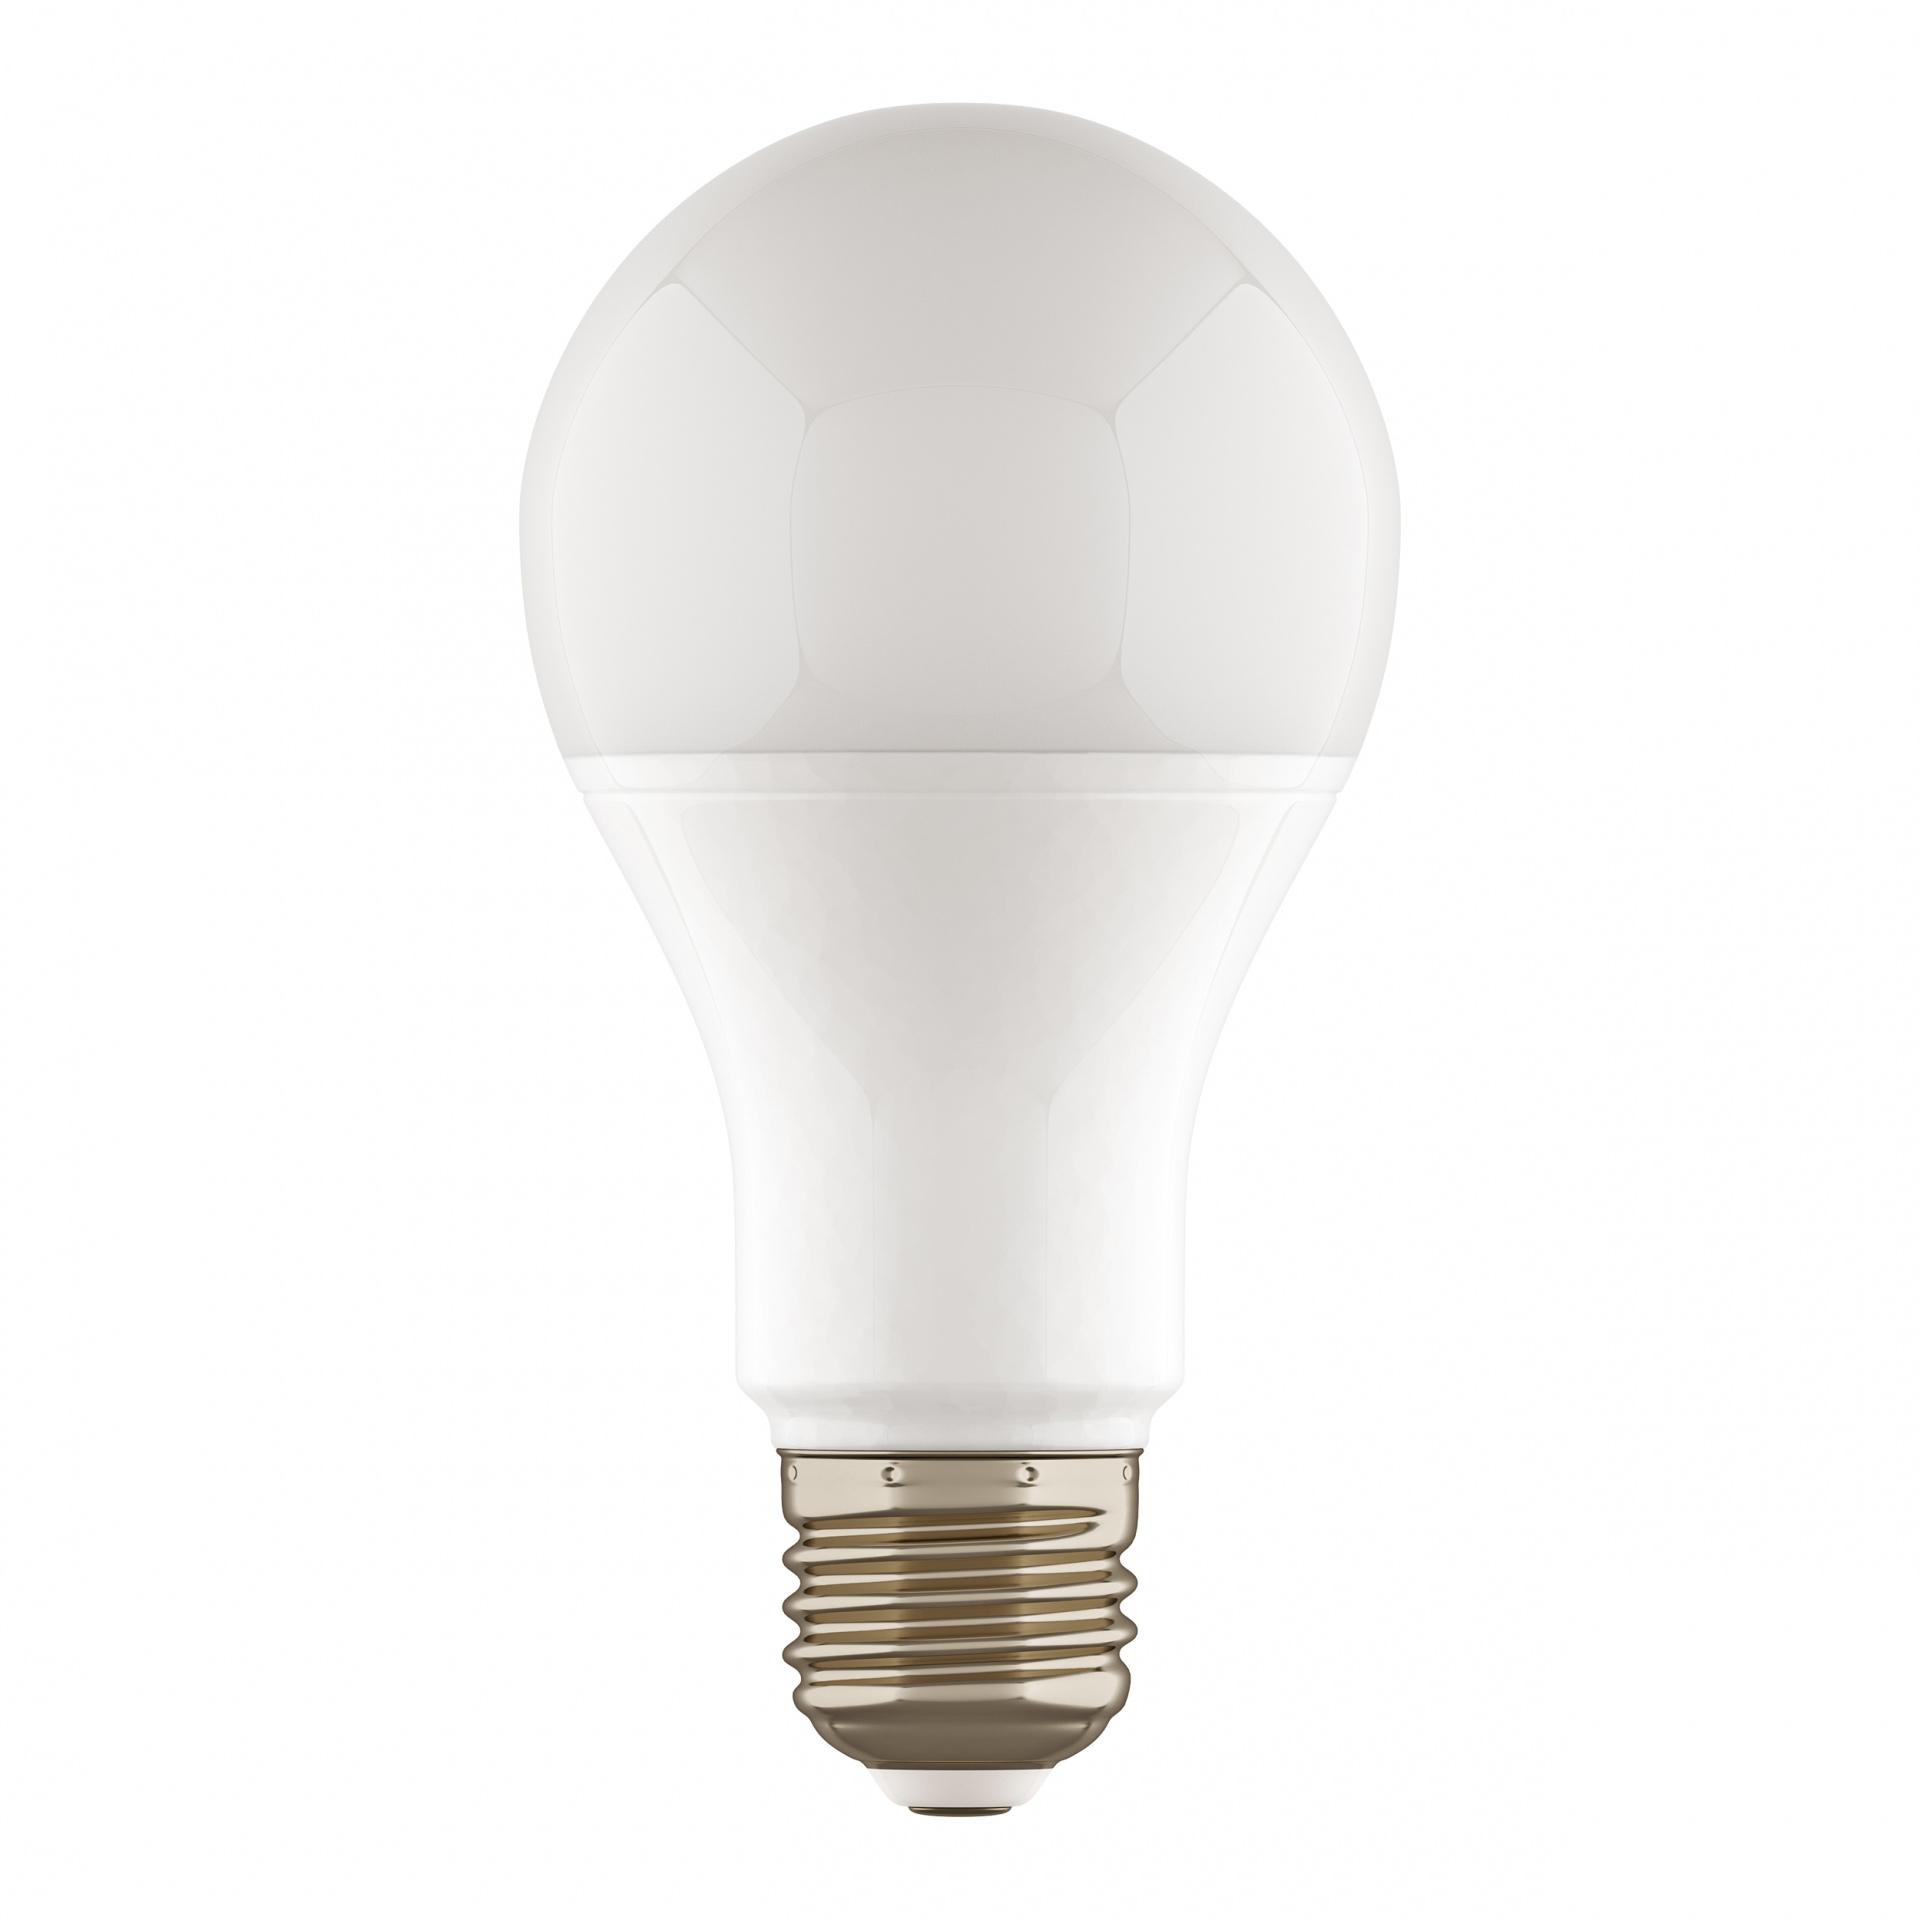 Лампа LED 220V A65 E27 12W=120W 950LM 180G FR 3000K 20000H Lightstar 930122, купить в СПб, Москве, с доставкой, Санкт-Петербург, интернет-магазин люстр и светильников Starlight, фото в жизни